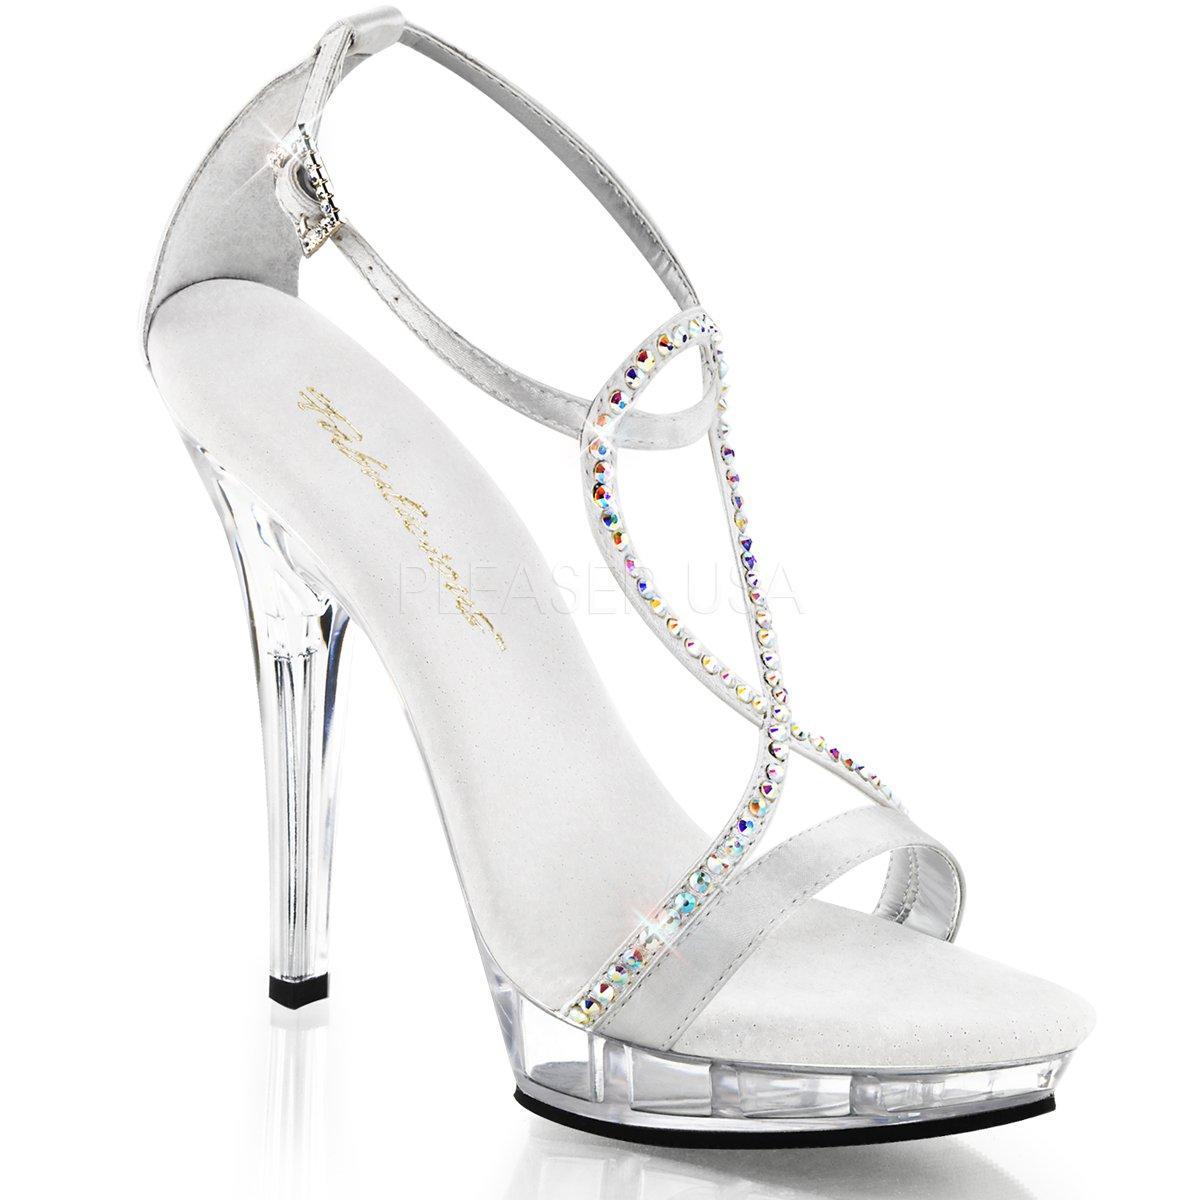 d1868275dea LIP-156 Stříbrné společenské sandálky s páskem přes nárt zdobeným kamínky